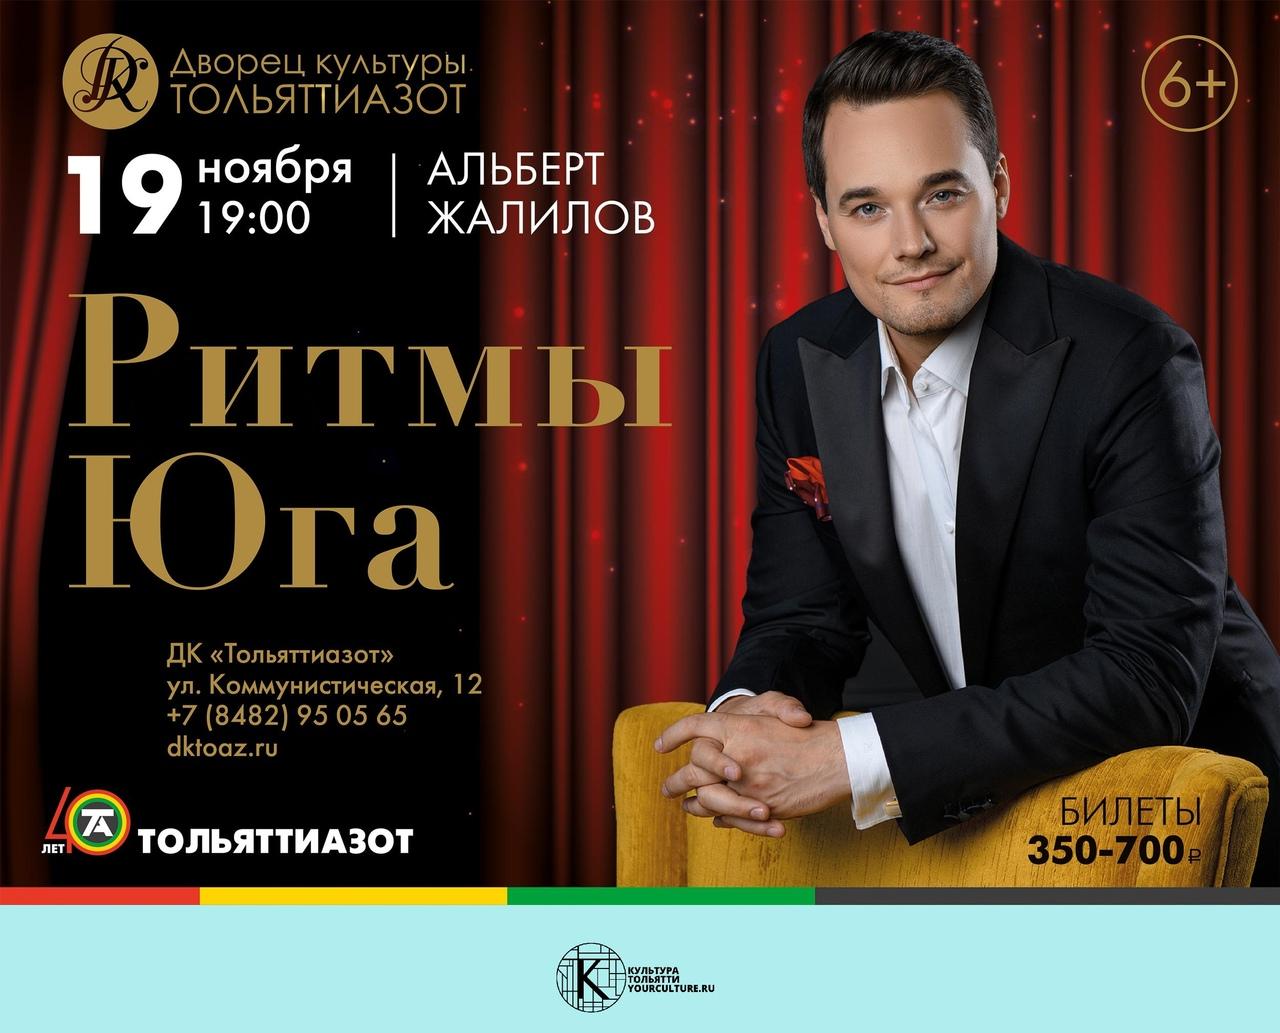 Концерт «Ритмы Юга». Альберт Жалилов